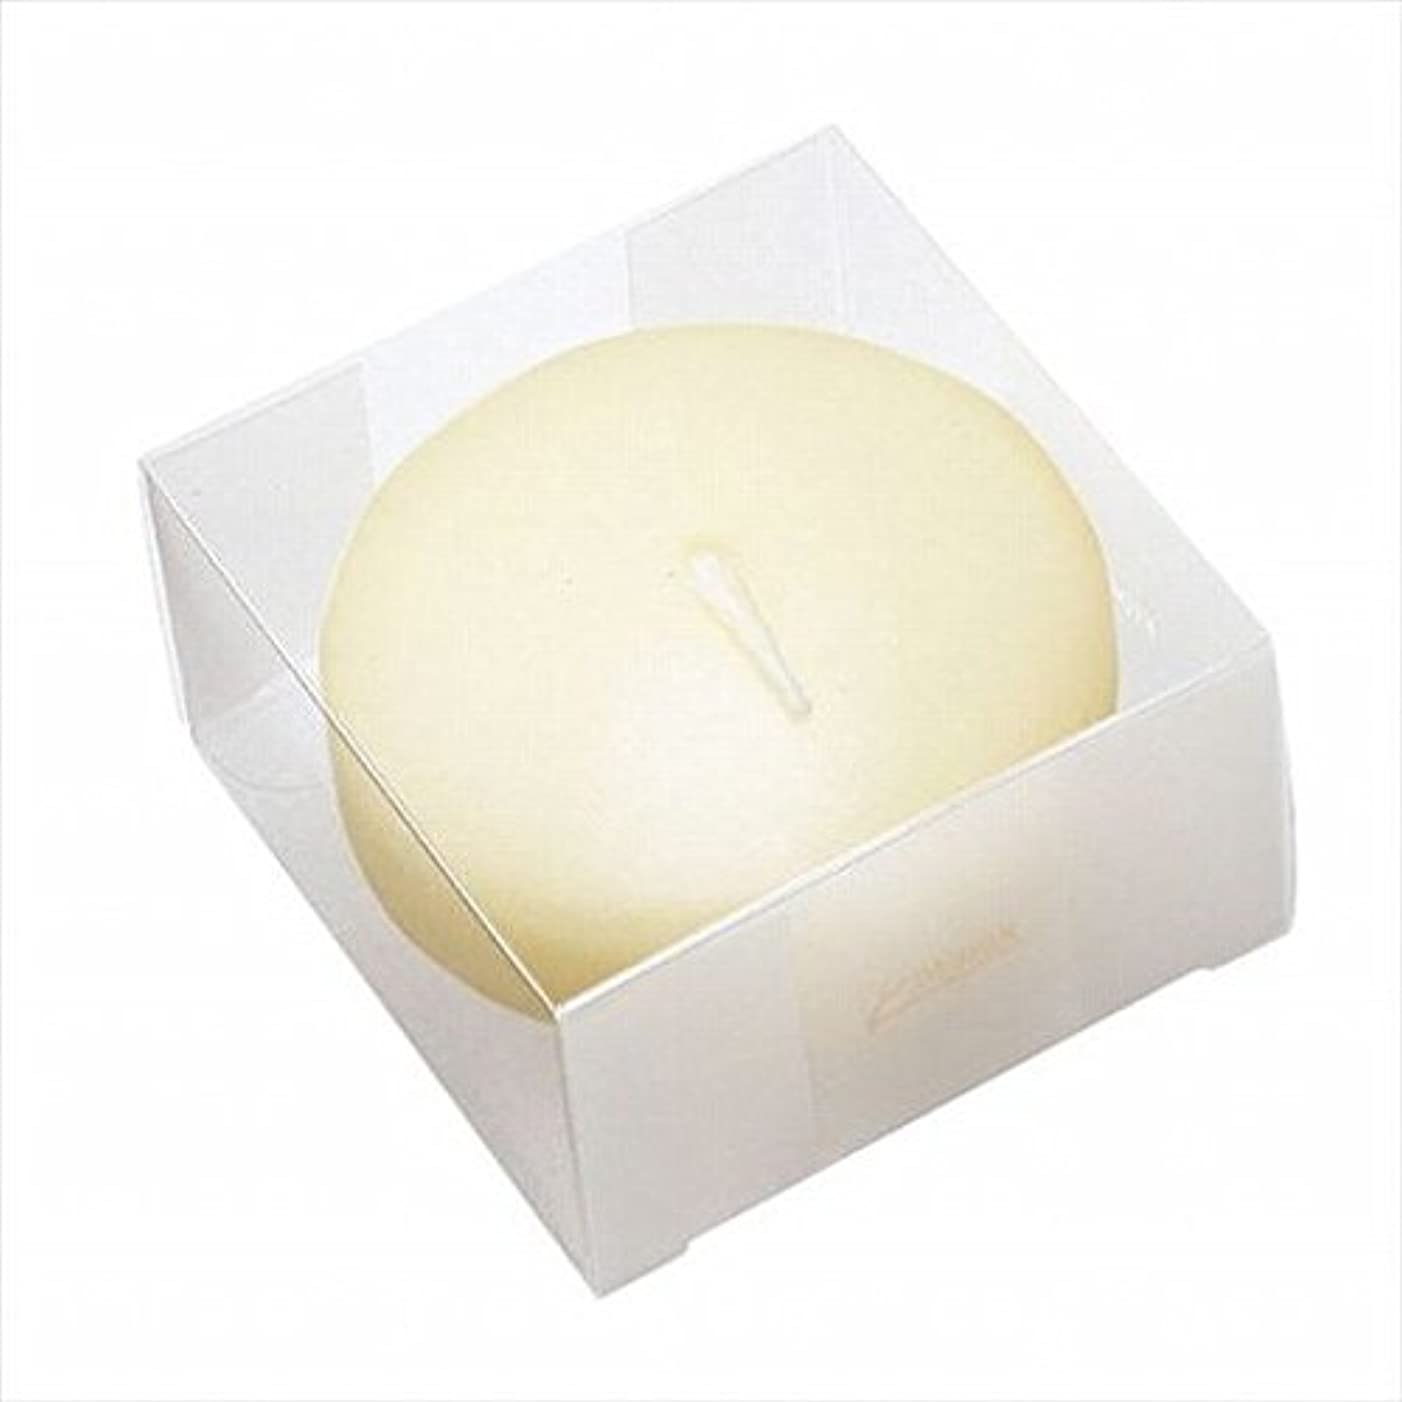 ジョガー破滅レイプkameyama candle(カメヤマキャンドル) プール80(箱入り) 「 アイボリー 」 キャンドル 80x80x45mm (A7069050)